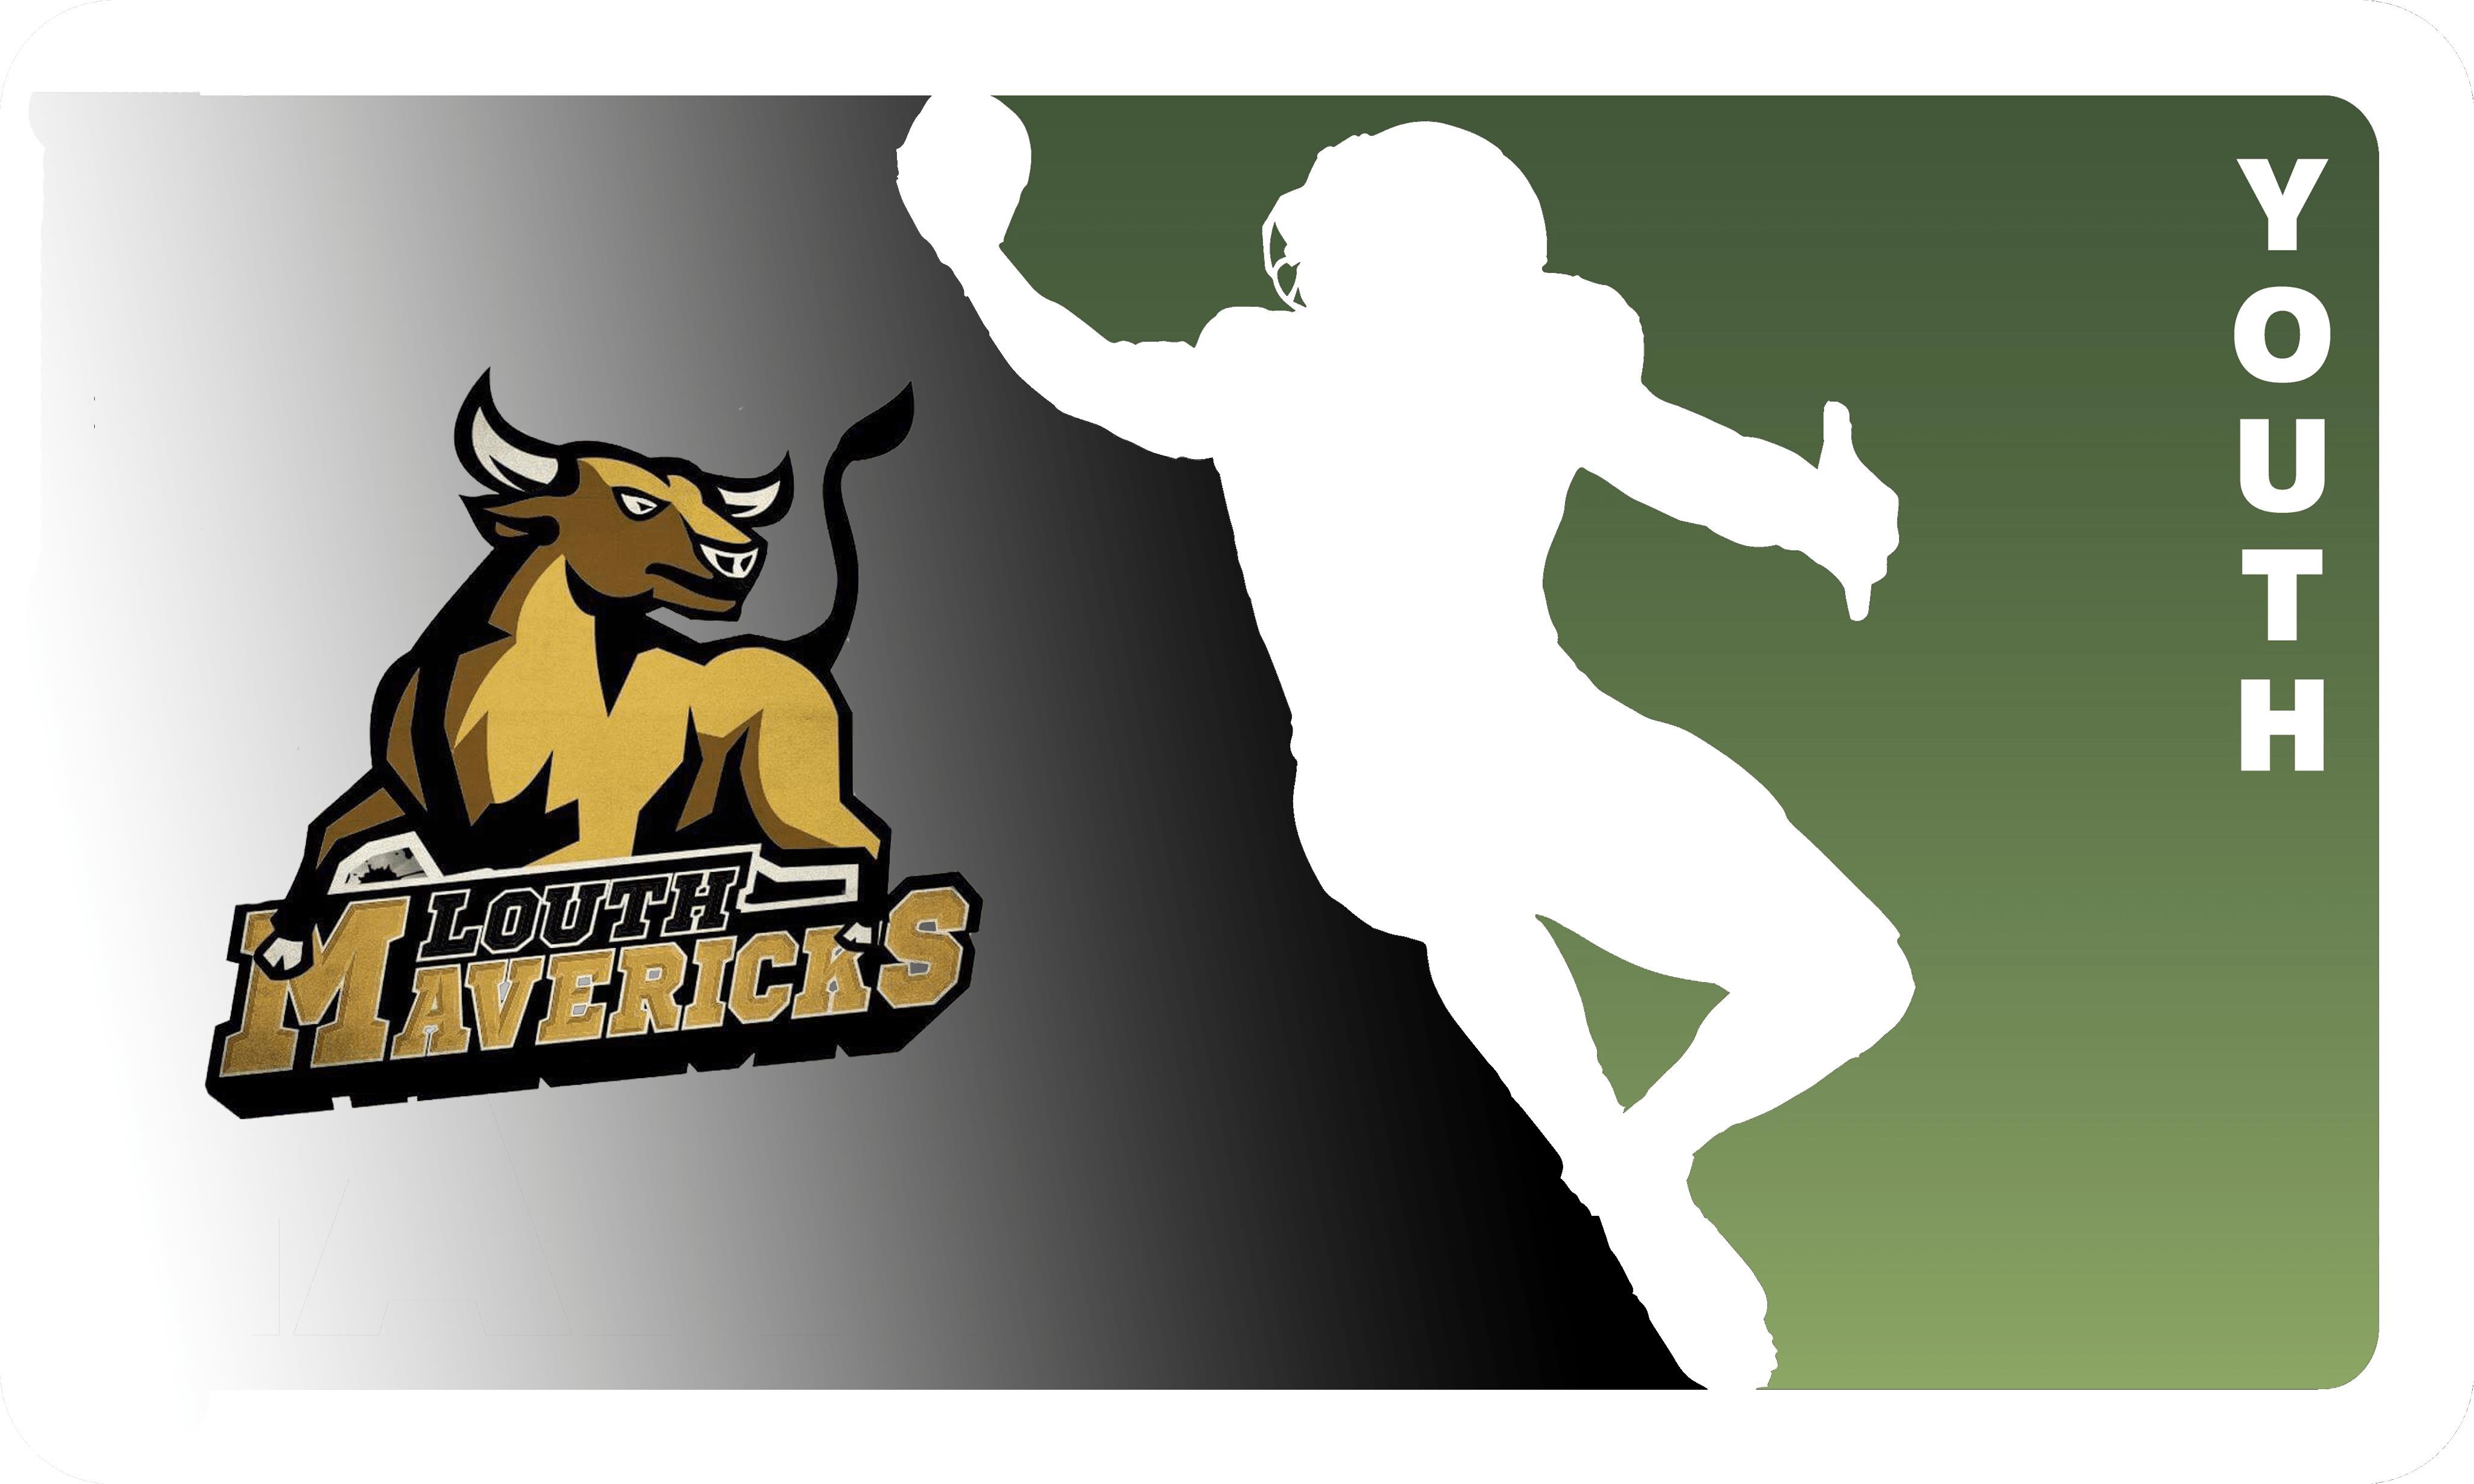 Youth League 2019: Louth Mavericks